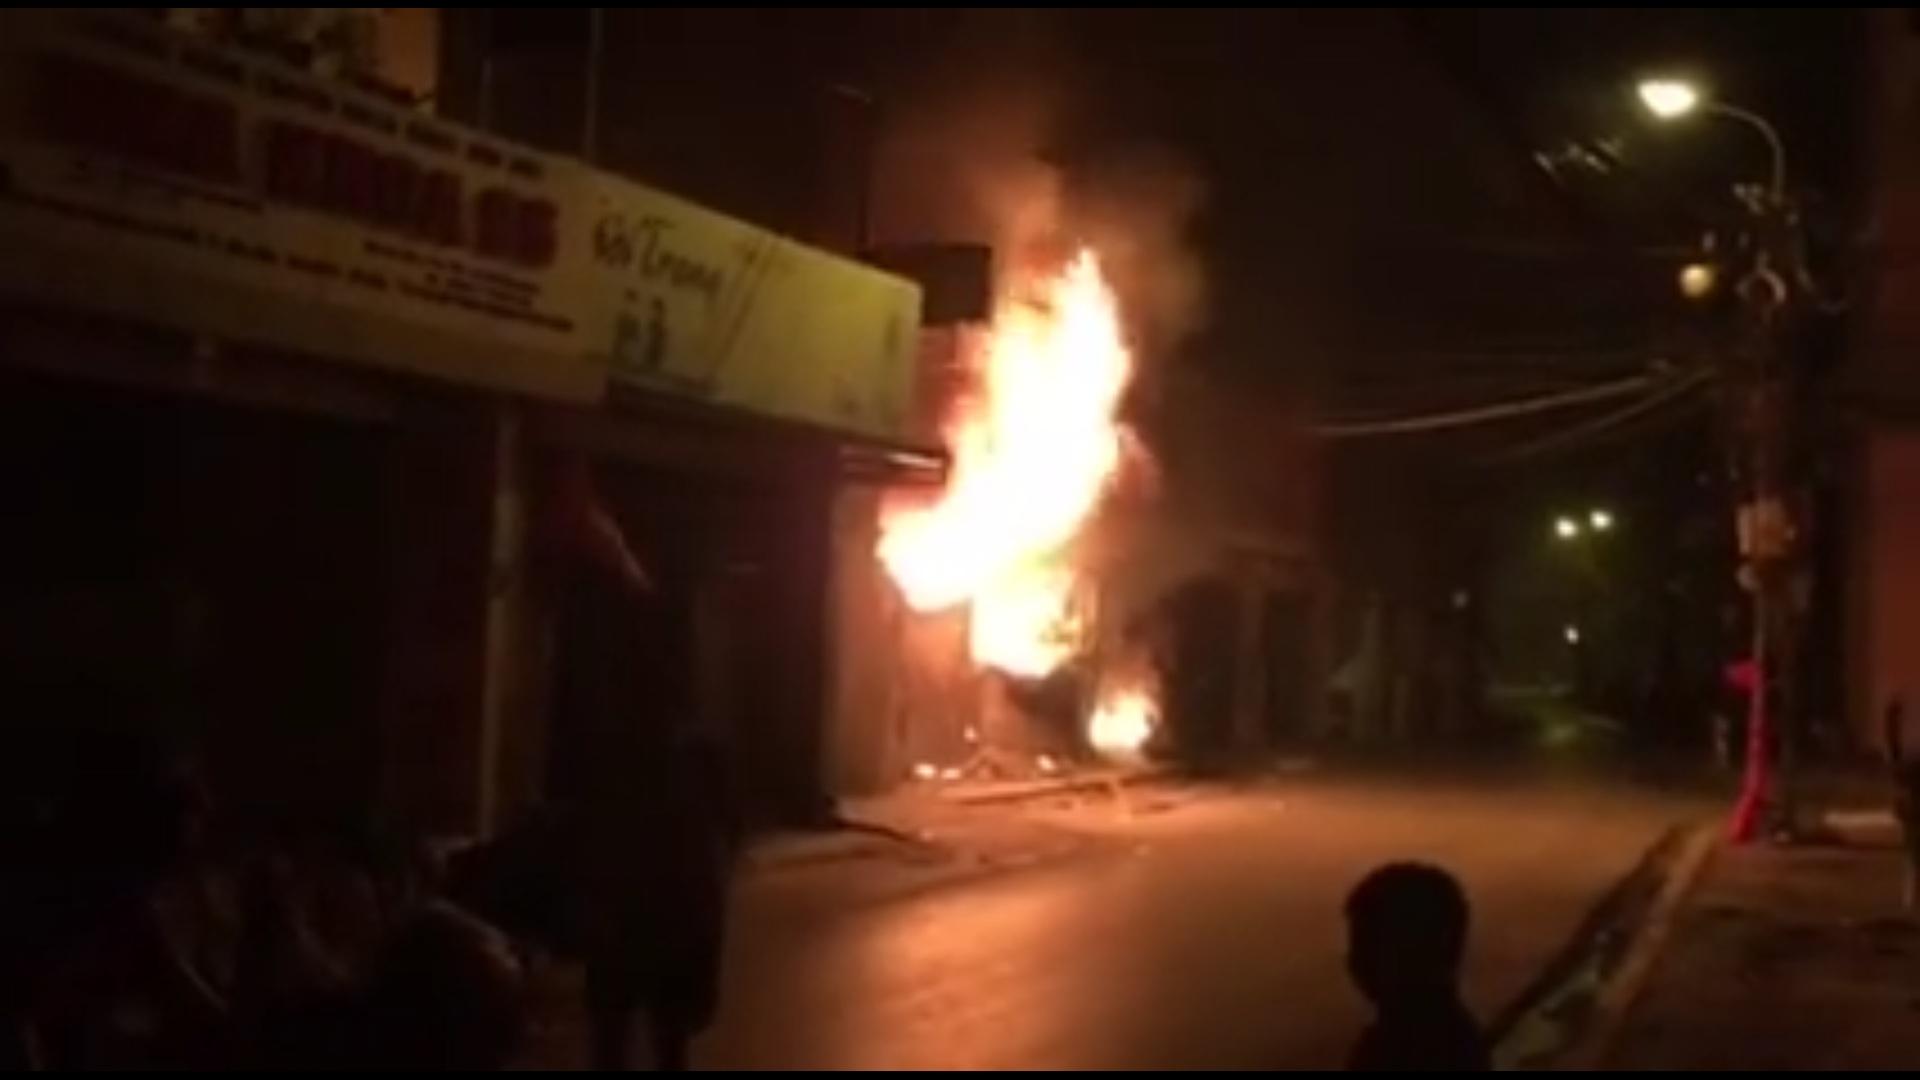 Hà Nội: Cháy cửa hàng, chủ nhà vẫn ngủ say trên tầng 2 - 1